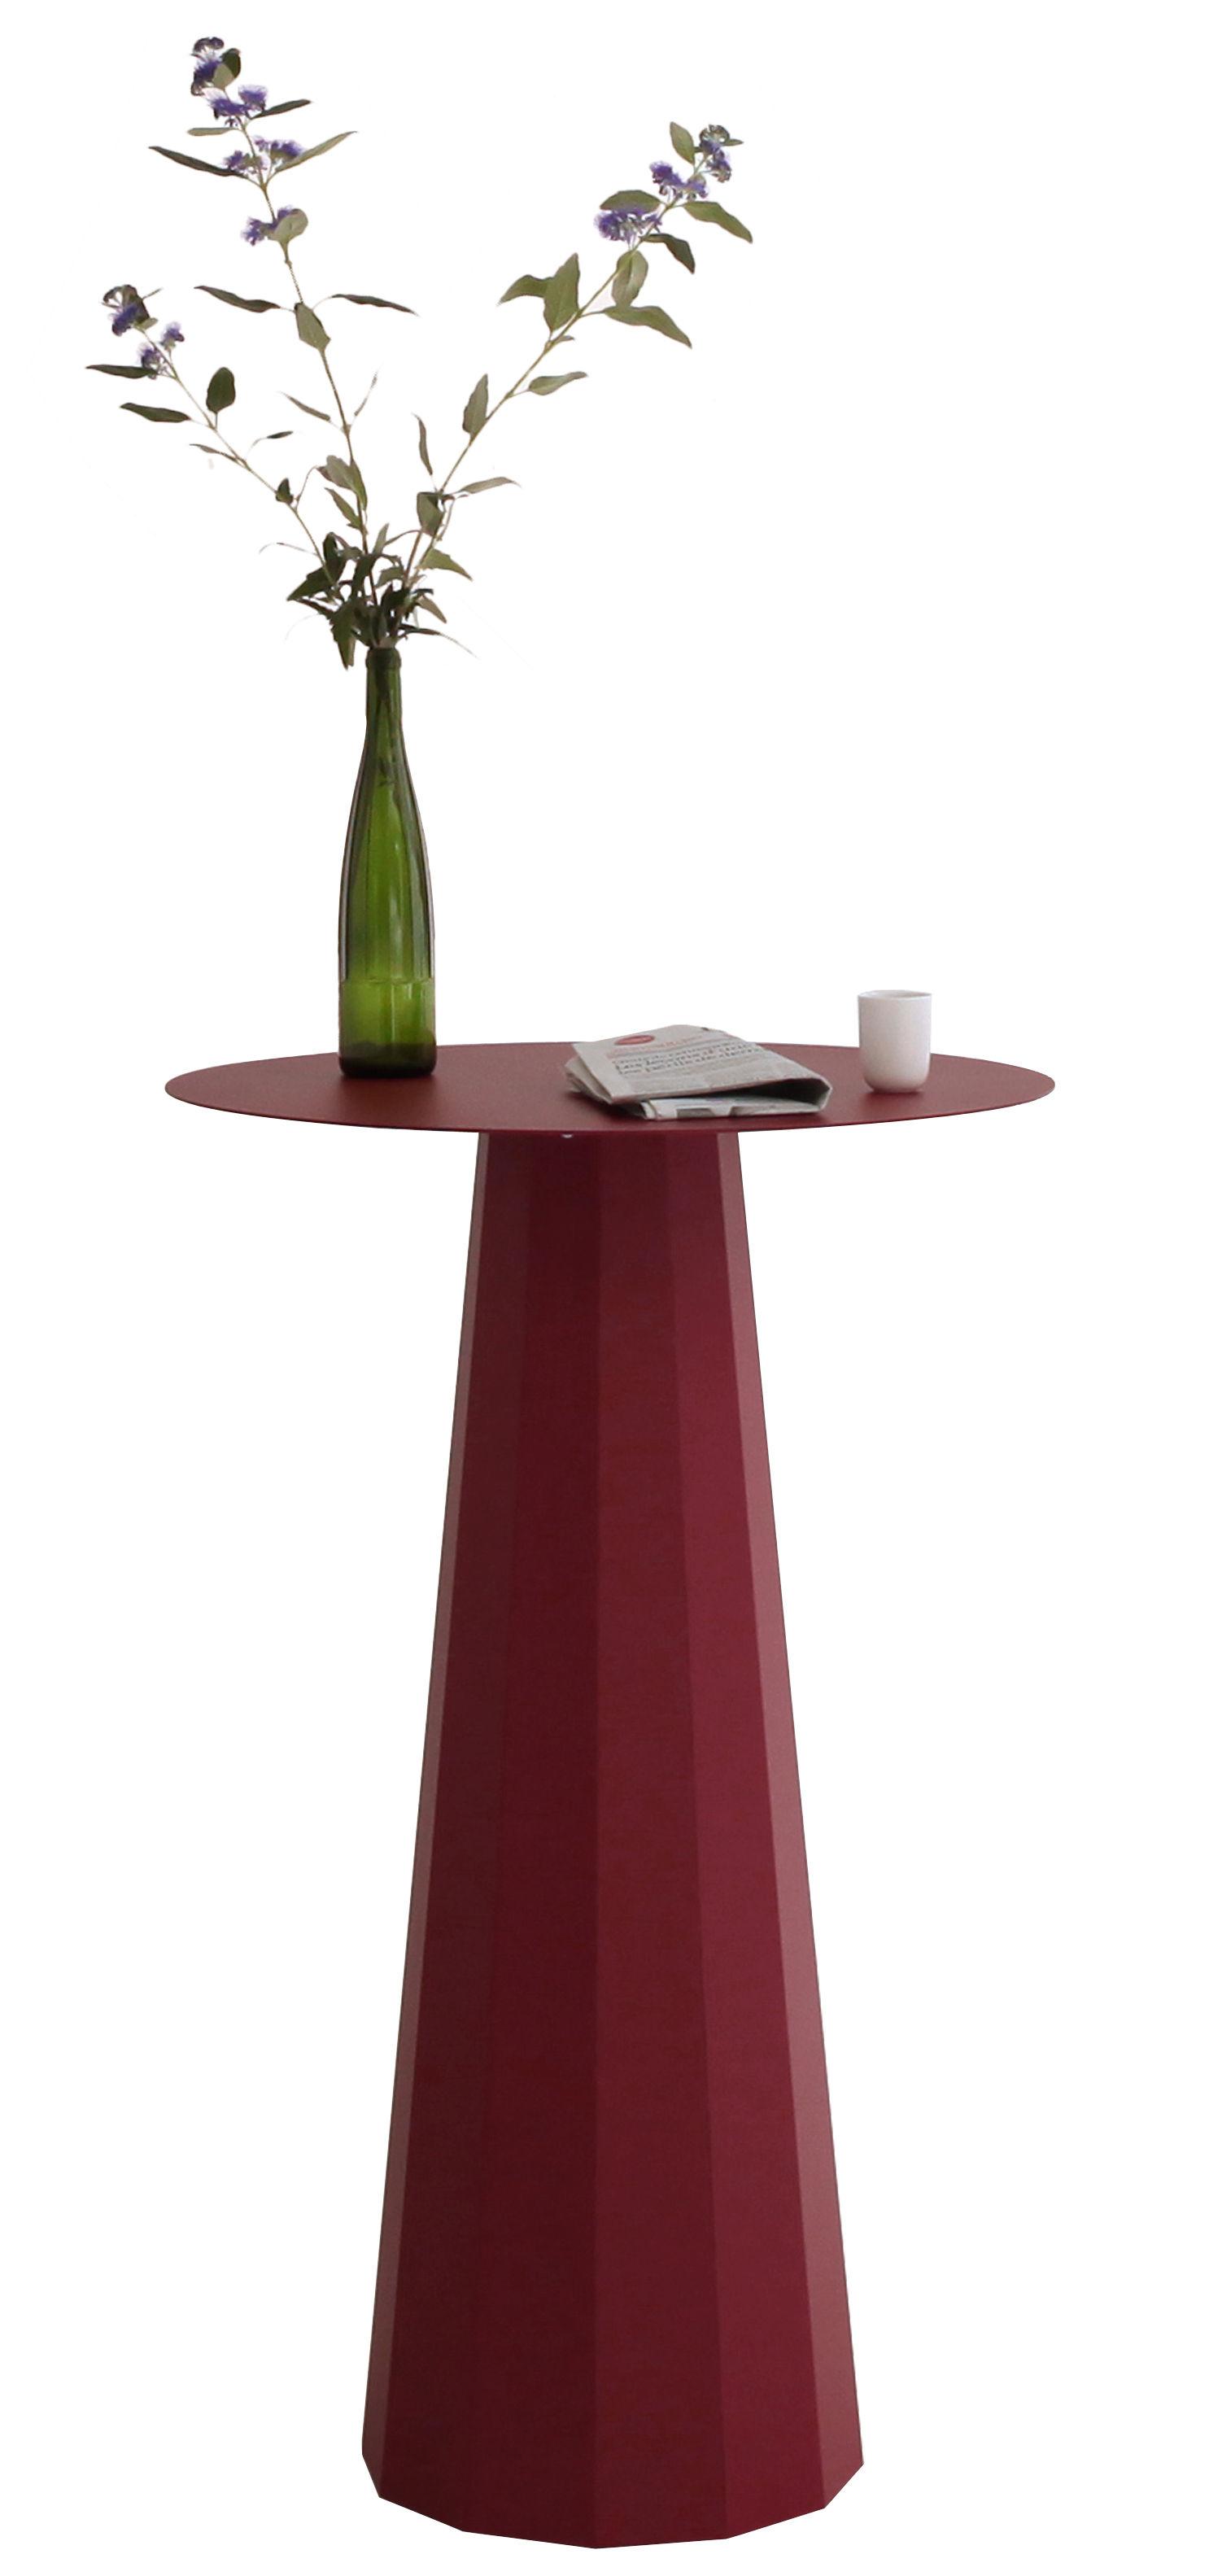 Arredamento - Tavoli alti - Tavolo bar alto Ankara - / Ø 70  x H 110 cm di Matière Grise - Rosso porpora - Acciaio